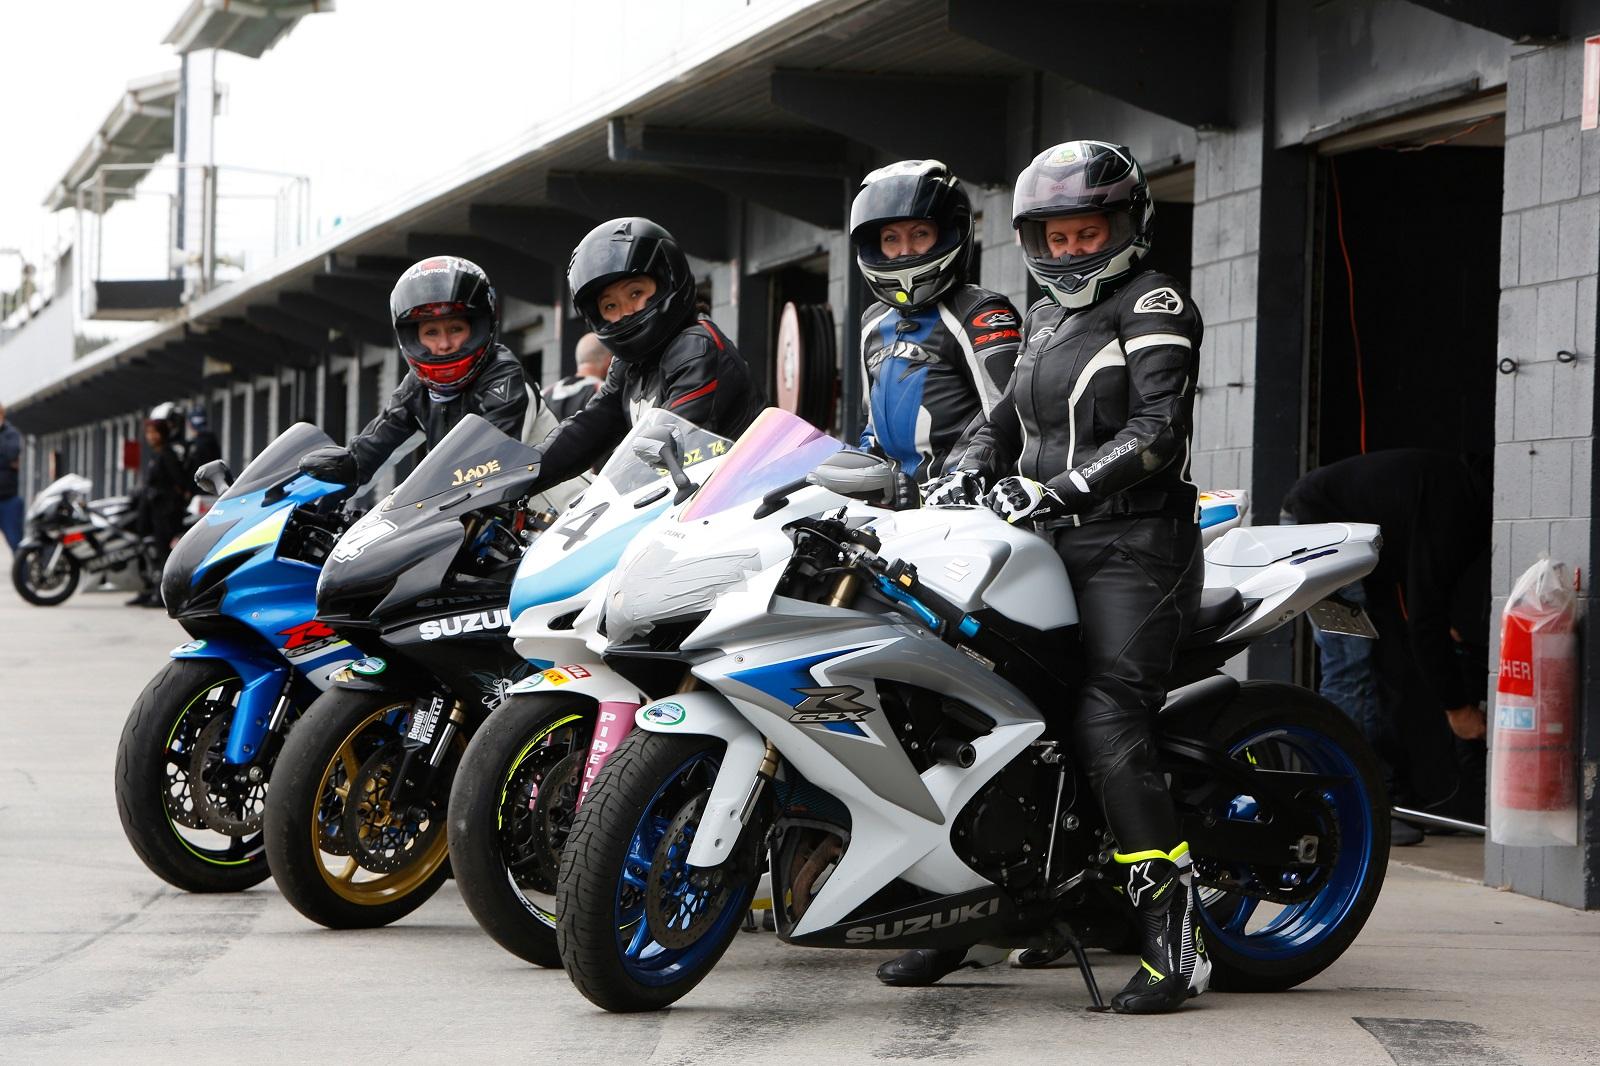 Expert Rider Tuition From Suzuki Champions Confirmed For Suzuki